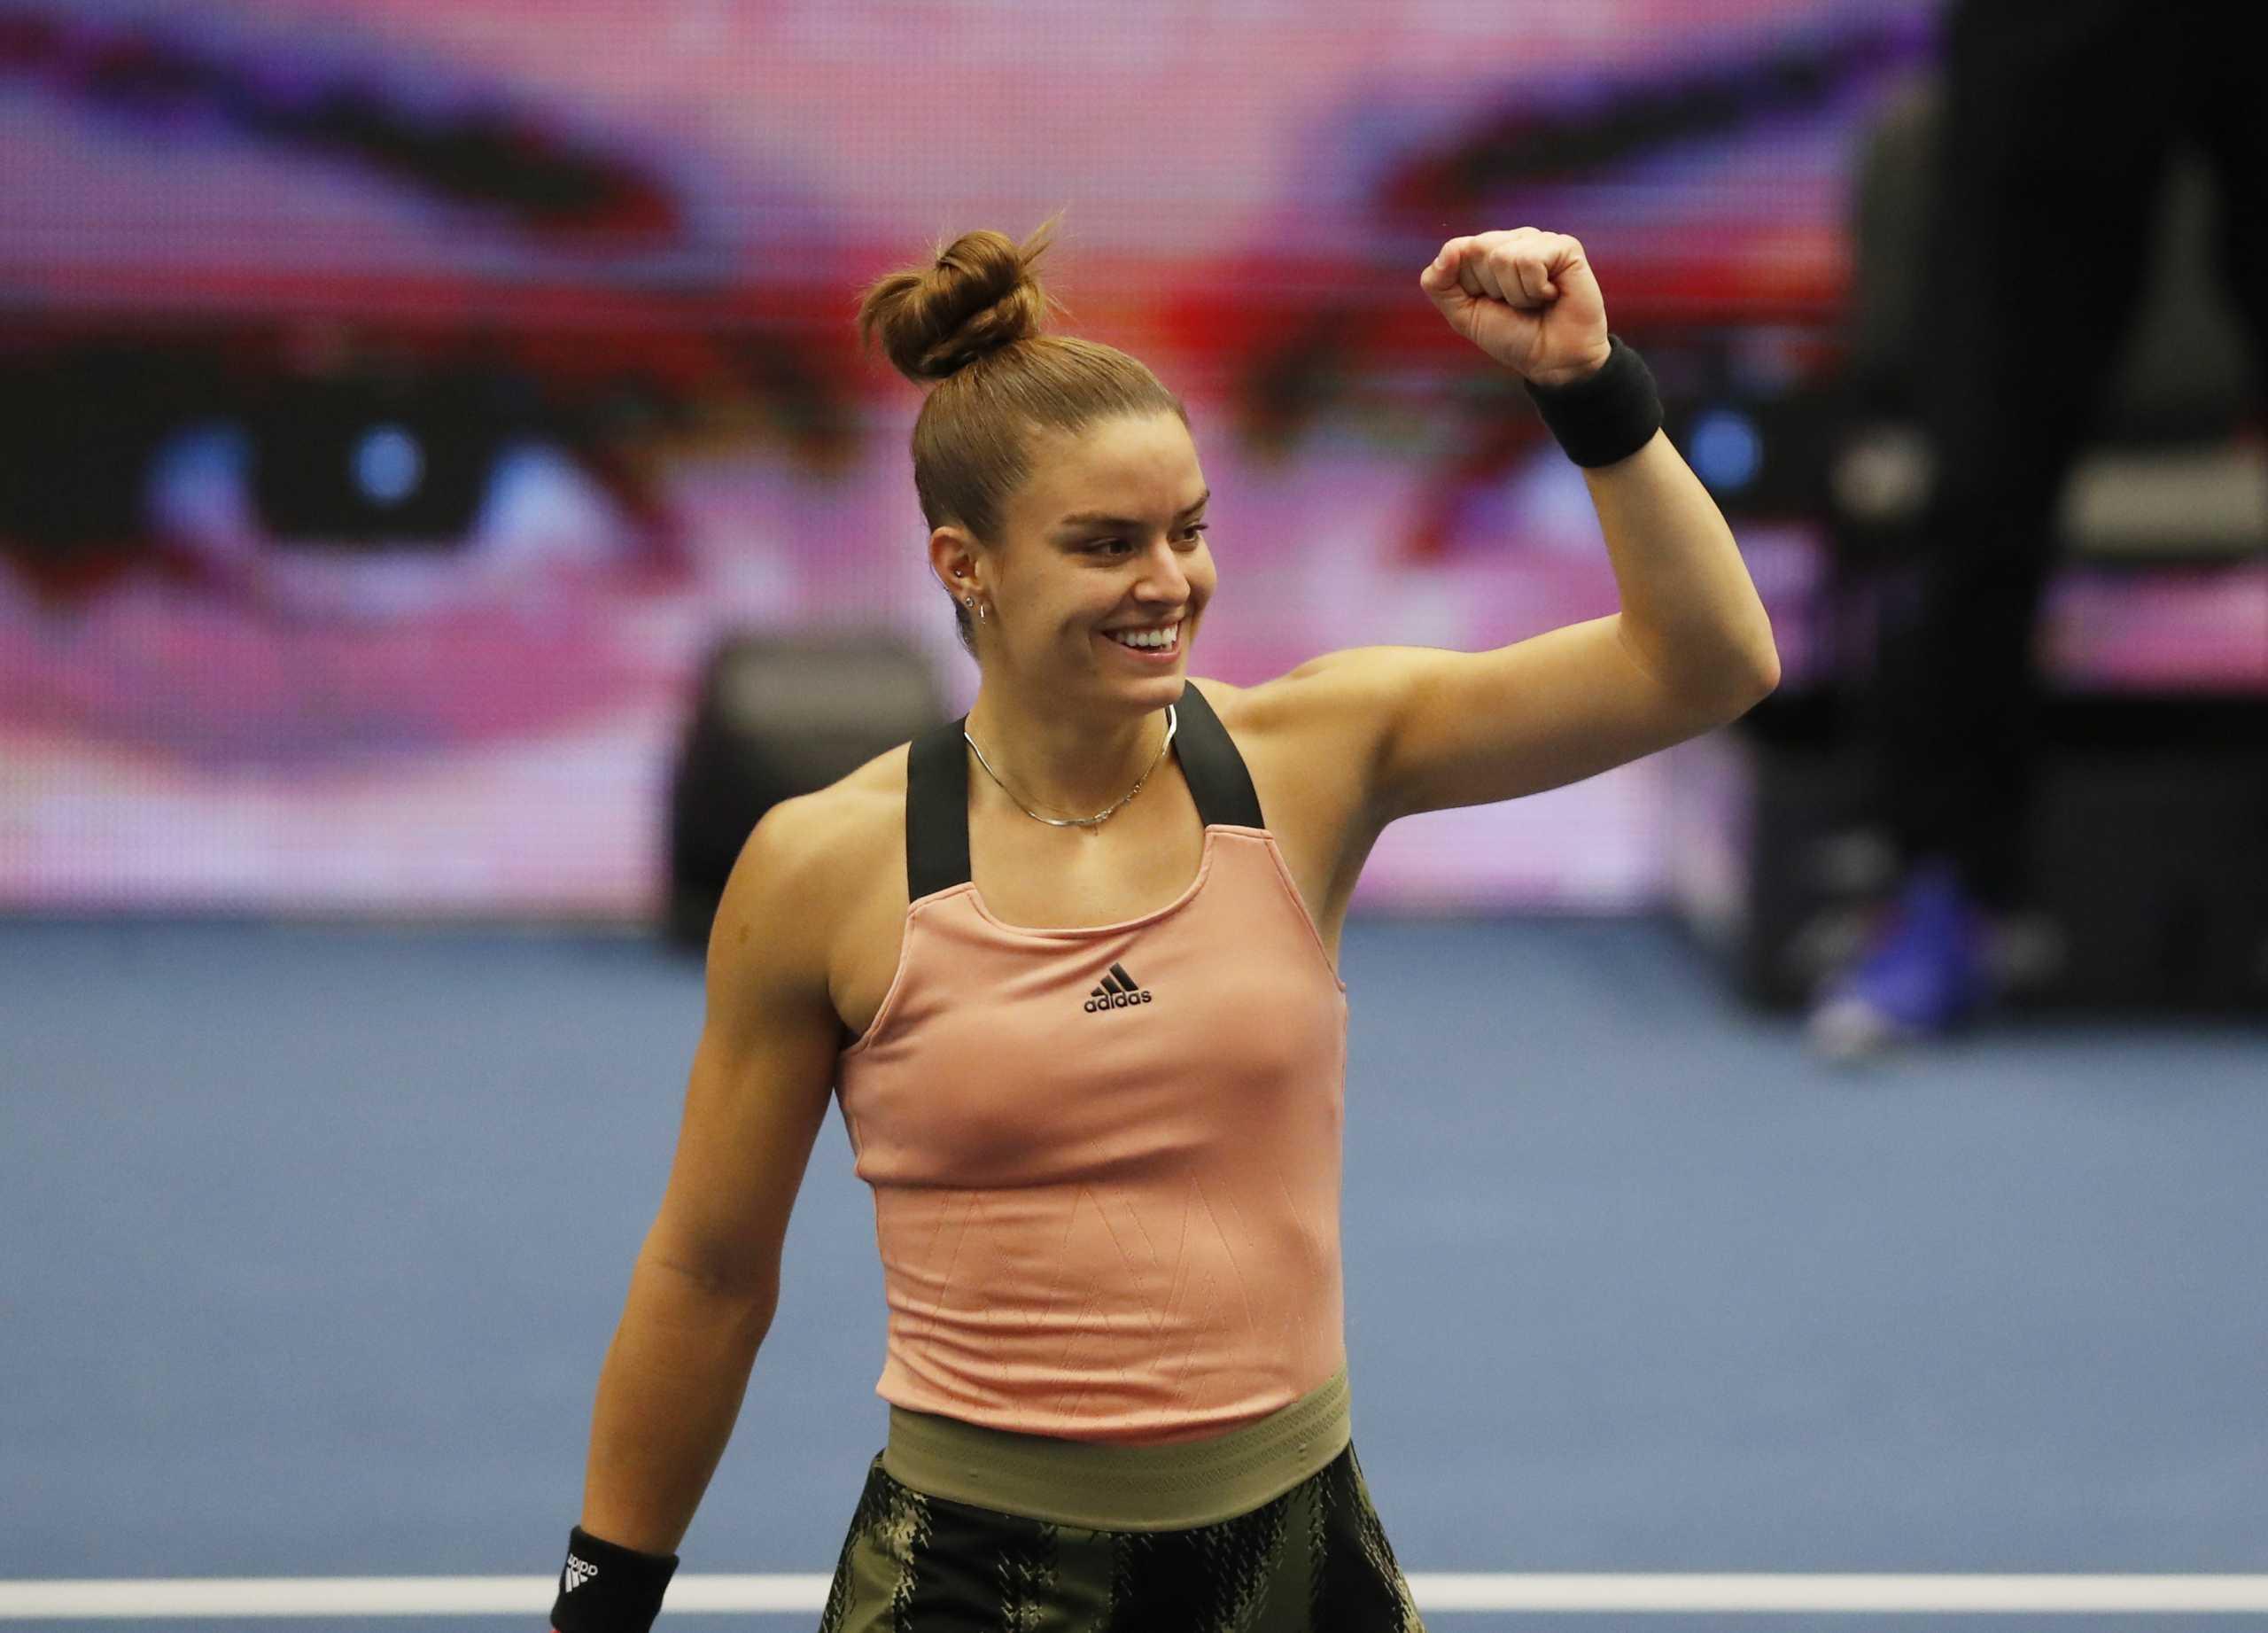 Μαρία Σάκκαρη – Ίγκα Σβιόντεκ: Τα highlights της μεγάλης πρόκρισης στον τελικό του Ostrava Open